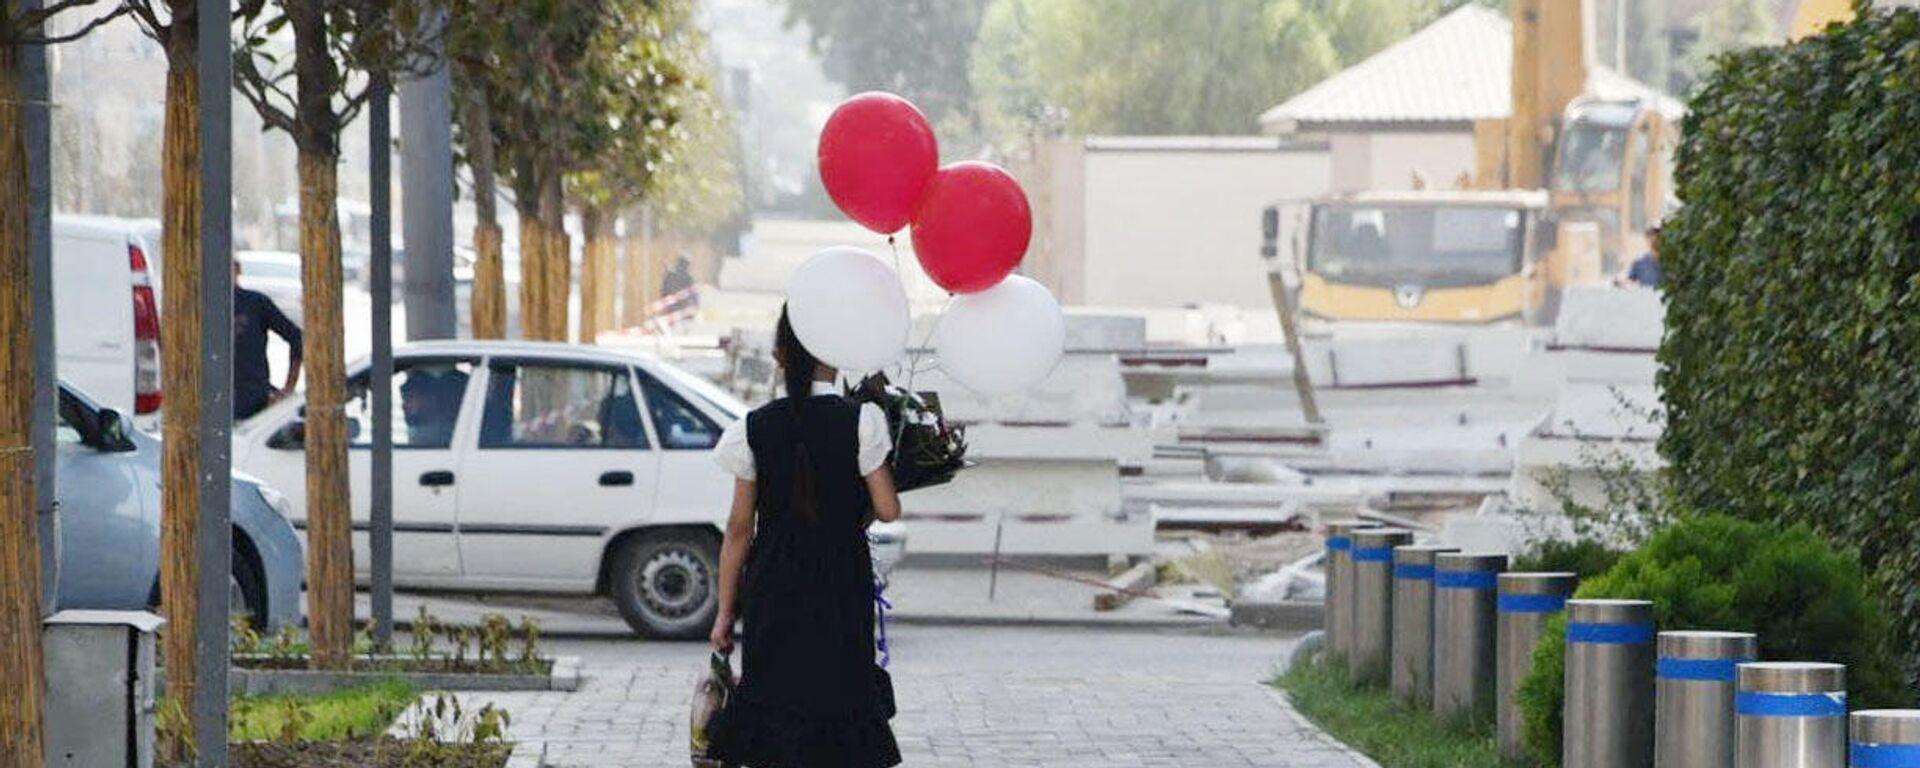 1 сентября, день знаний в Душанбе - Sputnik Таджикистан, 1920, 04.09.2021